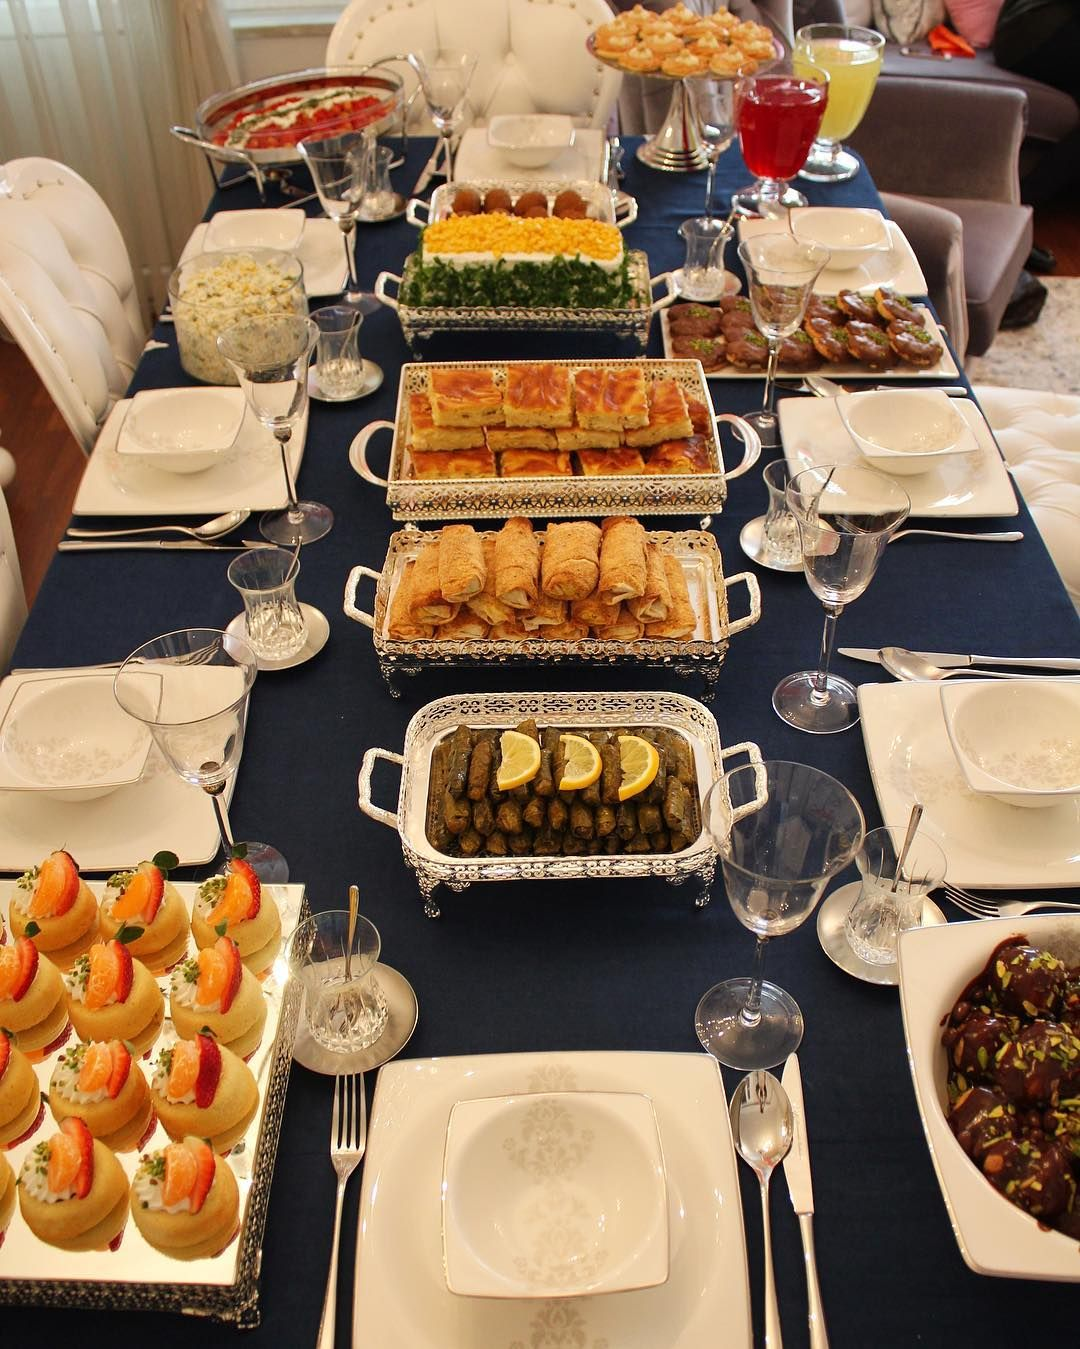 Bir Misafir Masasindan Daha Merhaba Tek Tek Harika Tarifler Gelecek Beklemede Kalin Food Presentation Buffet Food Serving Food